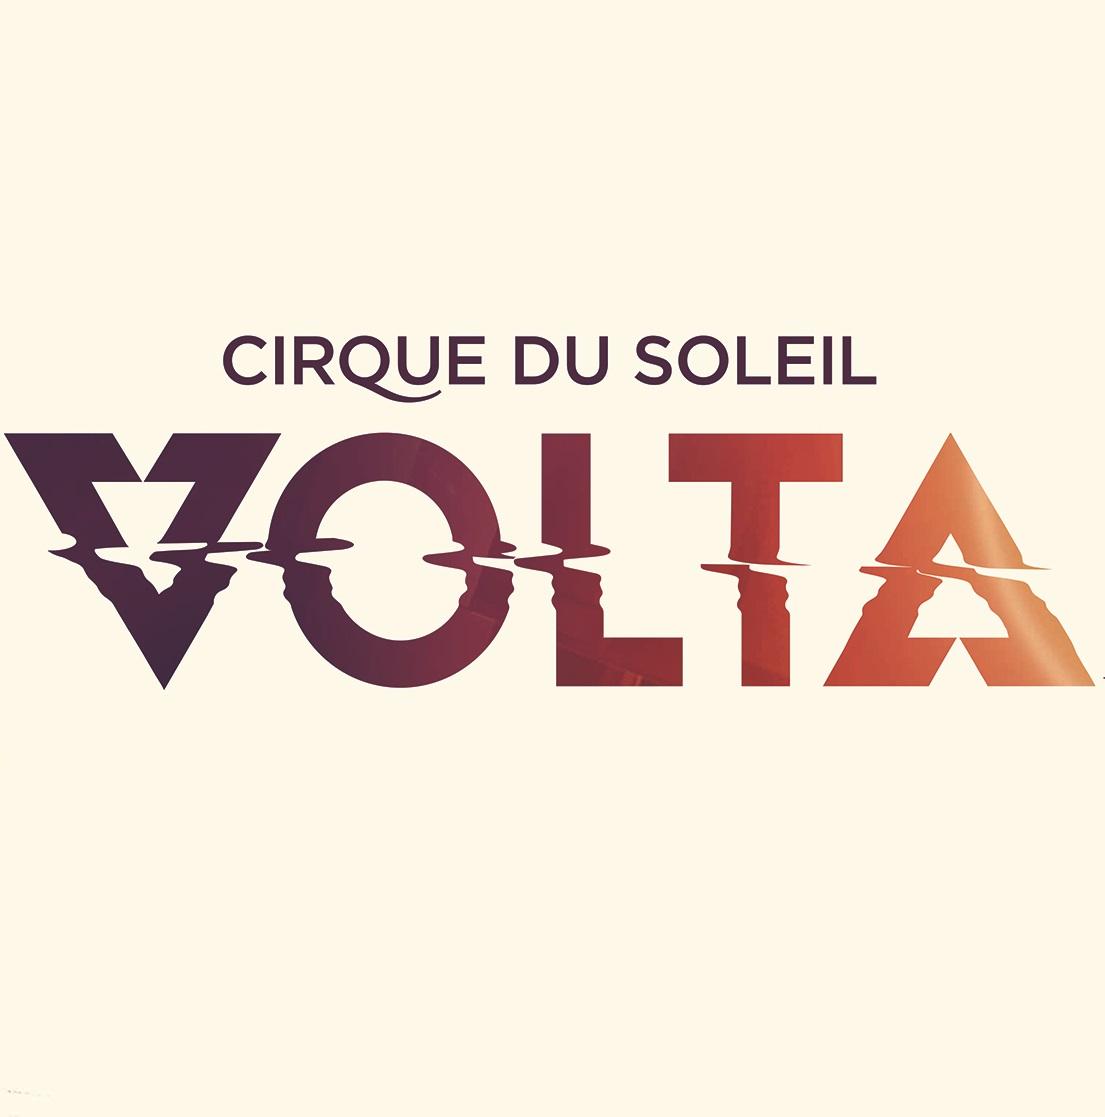 ZIBI - Cirque du Soleil